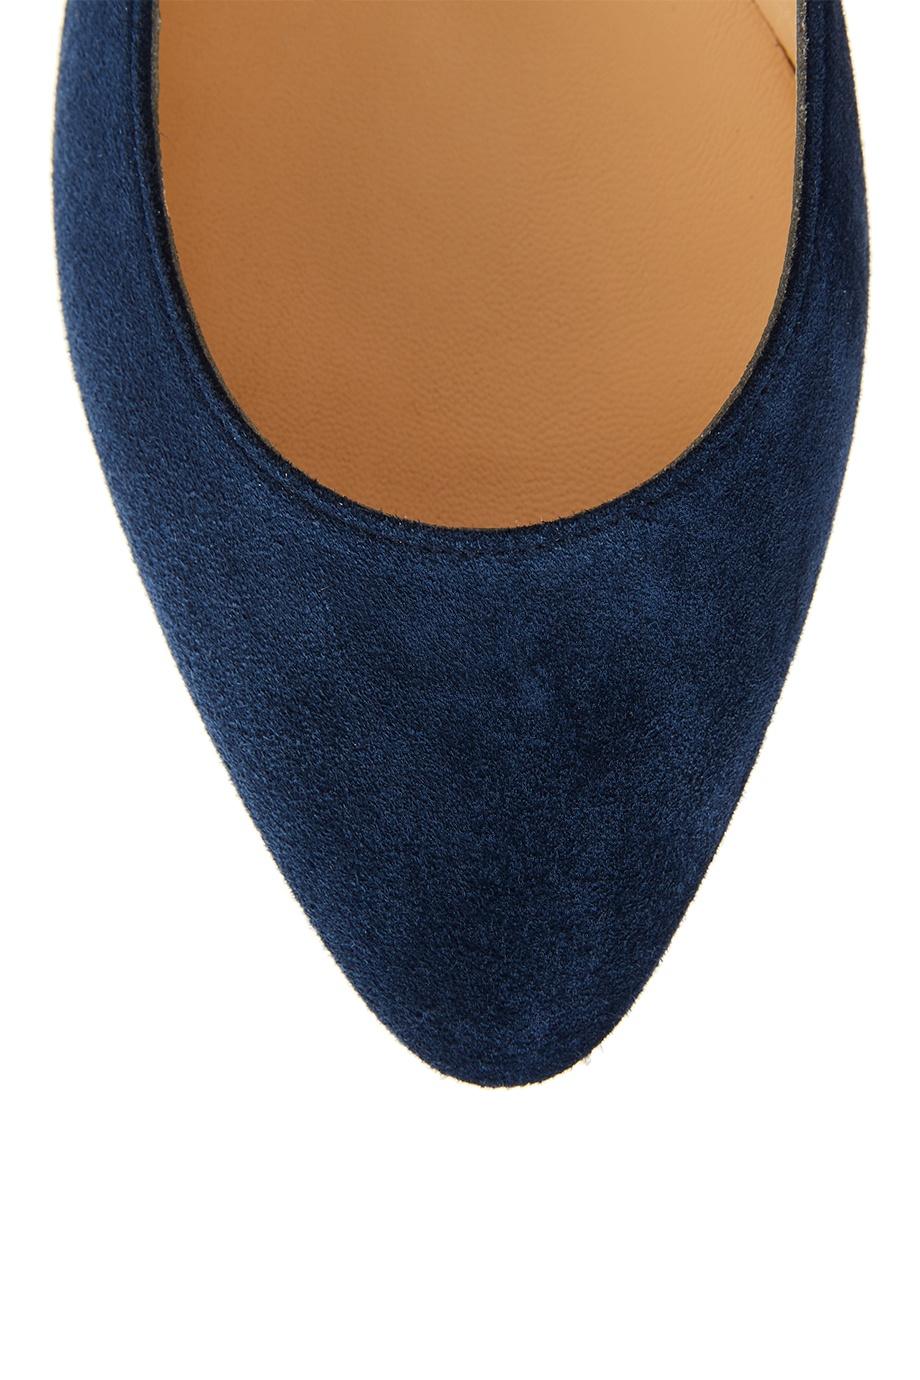 new concept f5281 eff23 Синие балетки из замши Eloise Flat